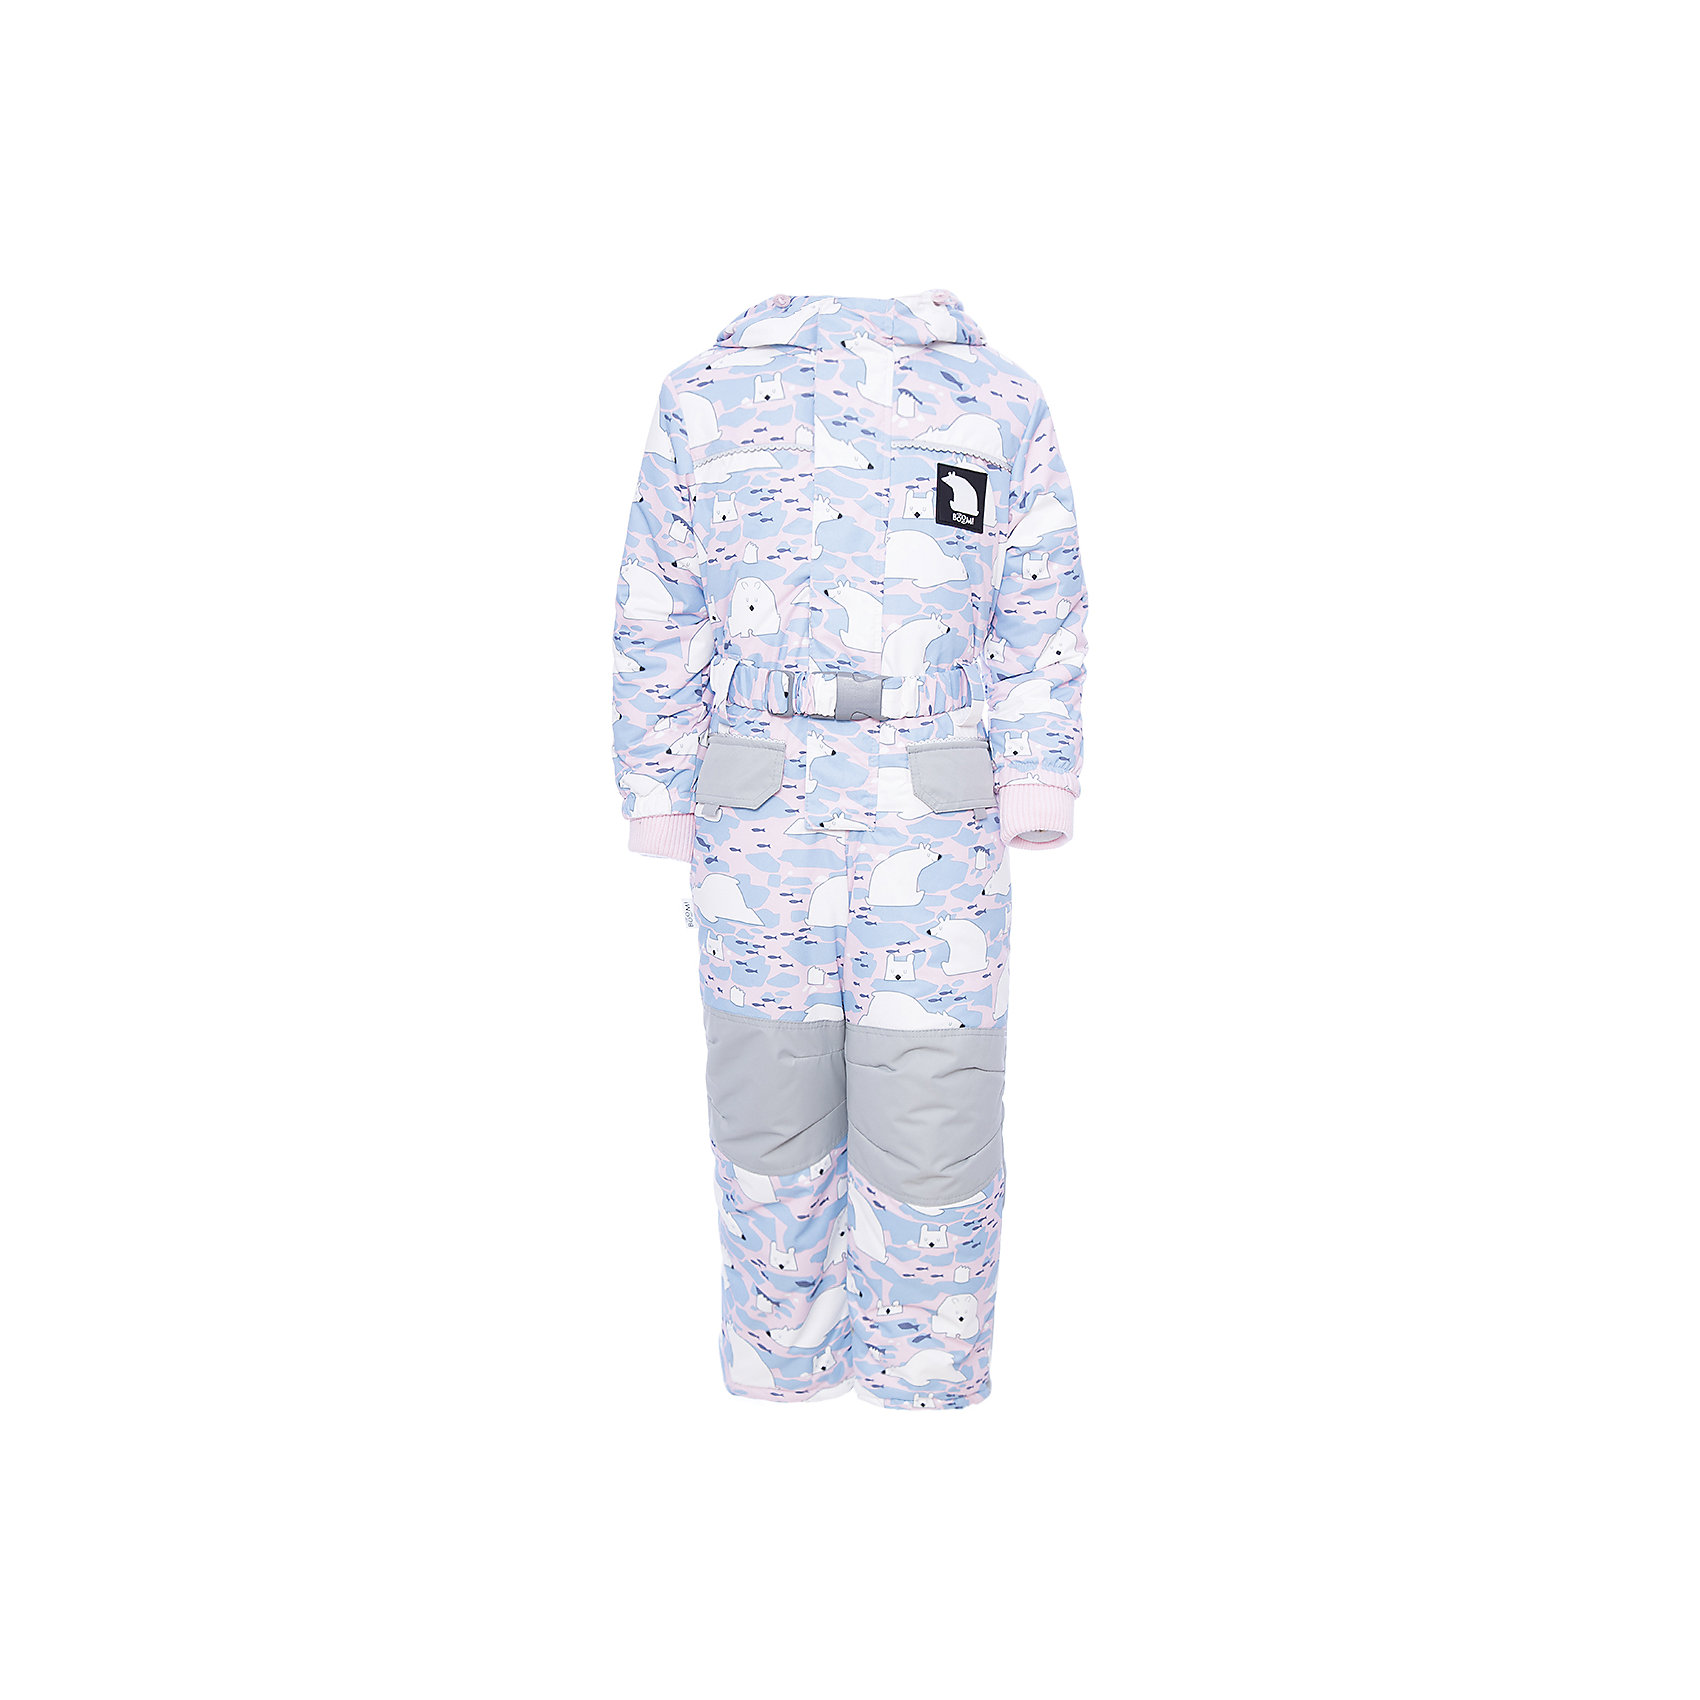 Комбинезон BOOM by Orby для девочкиВерхняя одежда<br>Характеристики товара:<br><br>• цвет: белый<br>• состав ткани: таффета<br>• подкладка: флис, полиэстер пуходержащий<br>• утеплитель: FiberSoft<br>• сезон: зима<br>• мембранное покрытие<br>• температурный режим: от 0 до -30С<br>• водонепроницаемость: 3000 мм <br>• паропроницаемость: 3000 г/м2<br>• плотность утеплителя: 400 г/м2<br>• капюшон: без меха<br>• застежка: молния<br>• штрипки<br>• страна бренда: Россия<br>• страна изготовитель: Россия<br><br>Зимний комбинезон для ребенка поможет обеспечить необходимый уровень утепления. Детский теплый комбинезон дополнен удобным капюшоном, планкой от ветра и карманами. Мембранная ткань верха детского зимнего комбинезона защищена от промокания и ветра. Мембранный комбинезон для девочки легко чистится. <br><br>Комбинезон для девочки BOOM by Orby (Бум бай Орби) можно купить в нашем интернет-магазине.<br><br>Ширина мм: 356<br>Глубина мм: 10<br>Высота мм: 245<br>Вес г: 519<br>Цвет: серый<br>Возраст от месяцев: 84<br>Возраст до месяцев: 96<br>Пол: Женский<br>Возраст: Детский<br>Размер: 128,80,86,92,98,104,110,116,122<br>SKU: 7090045